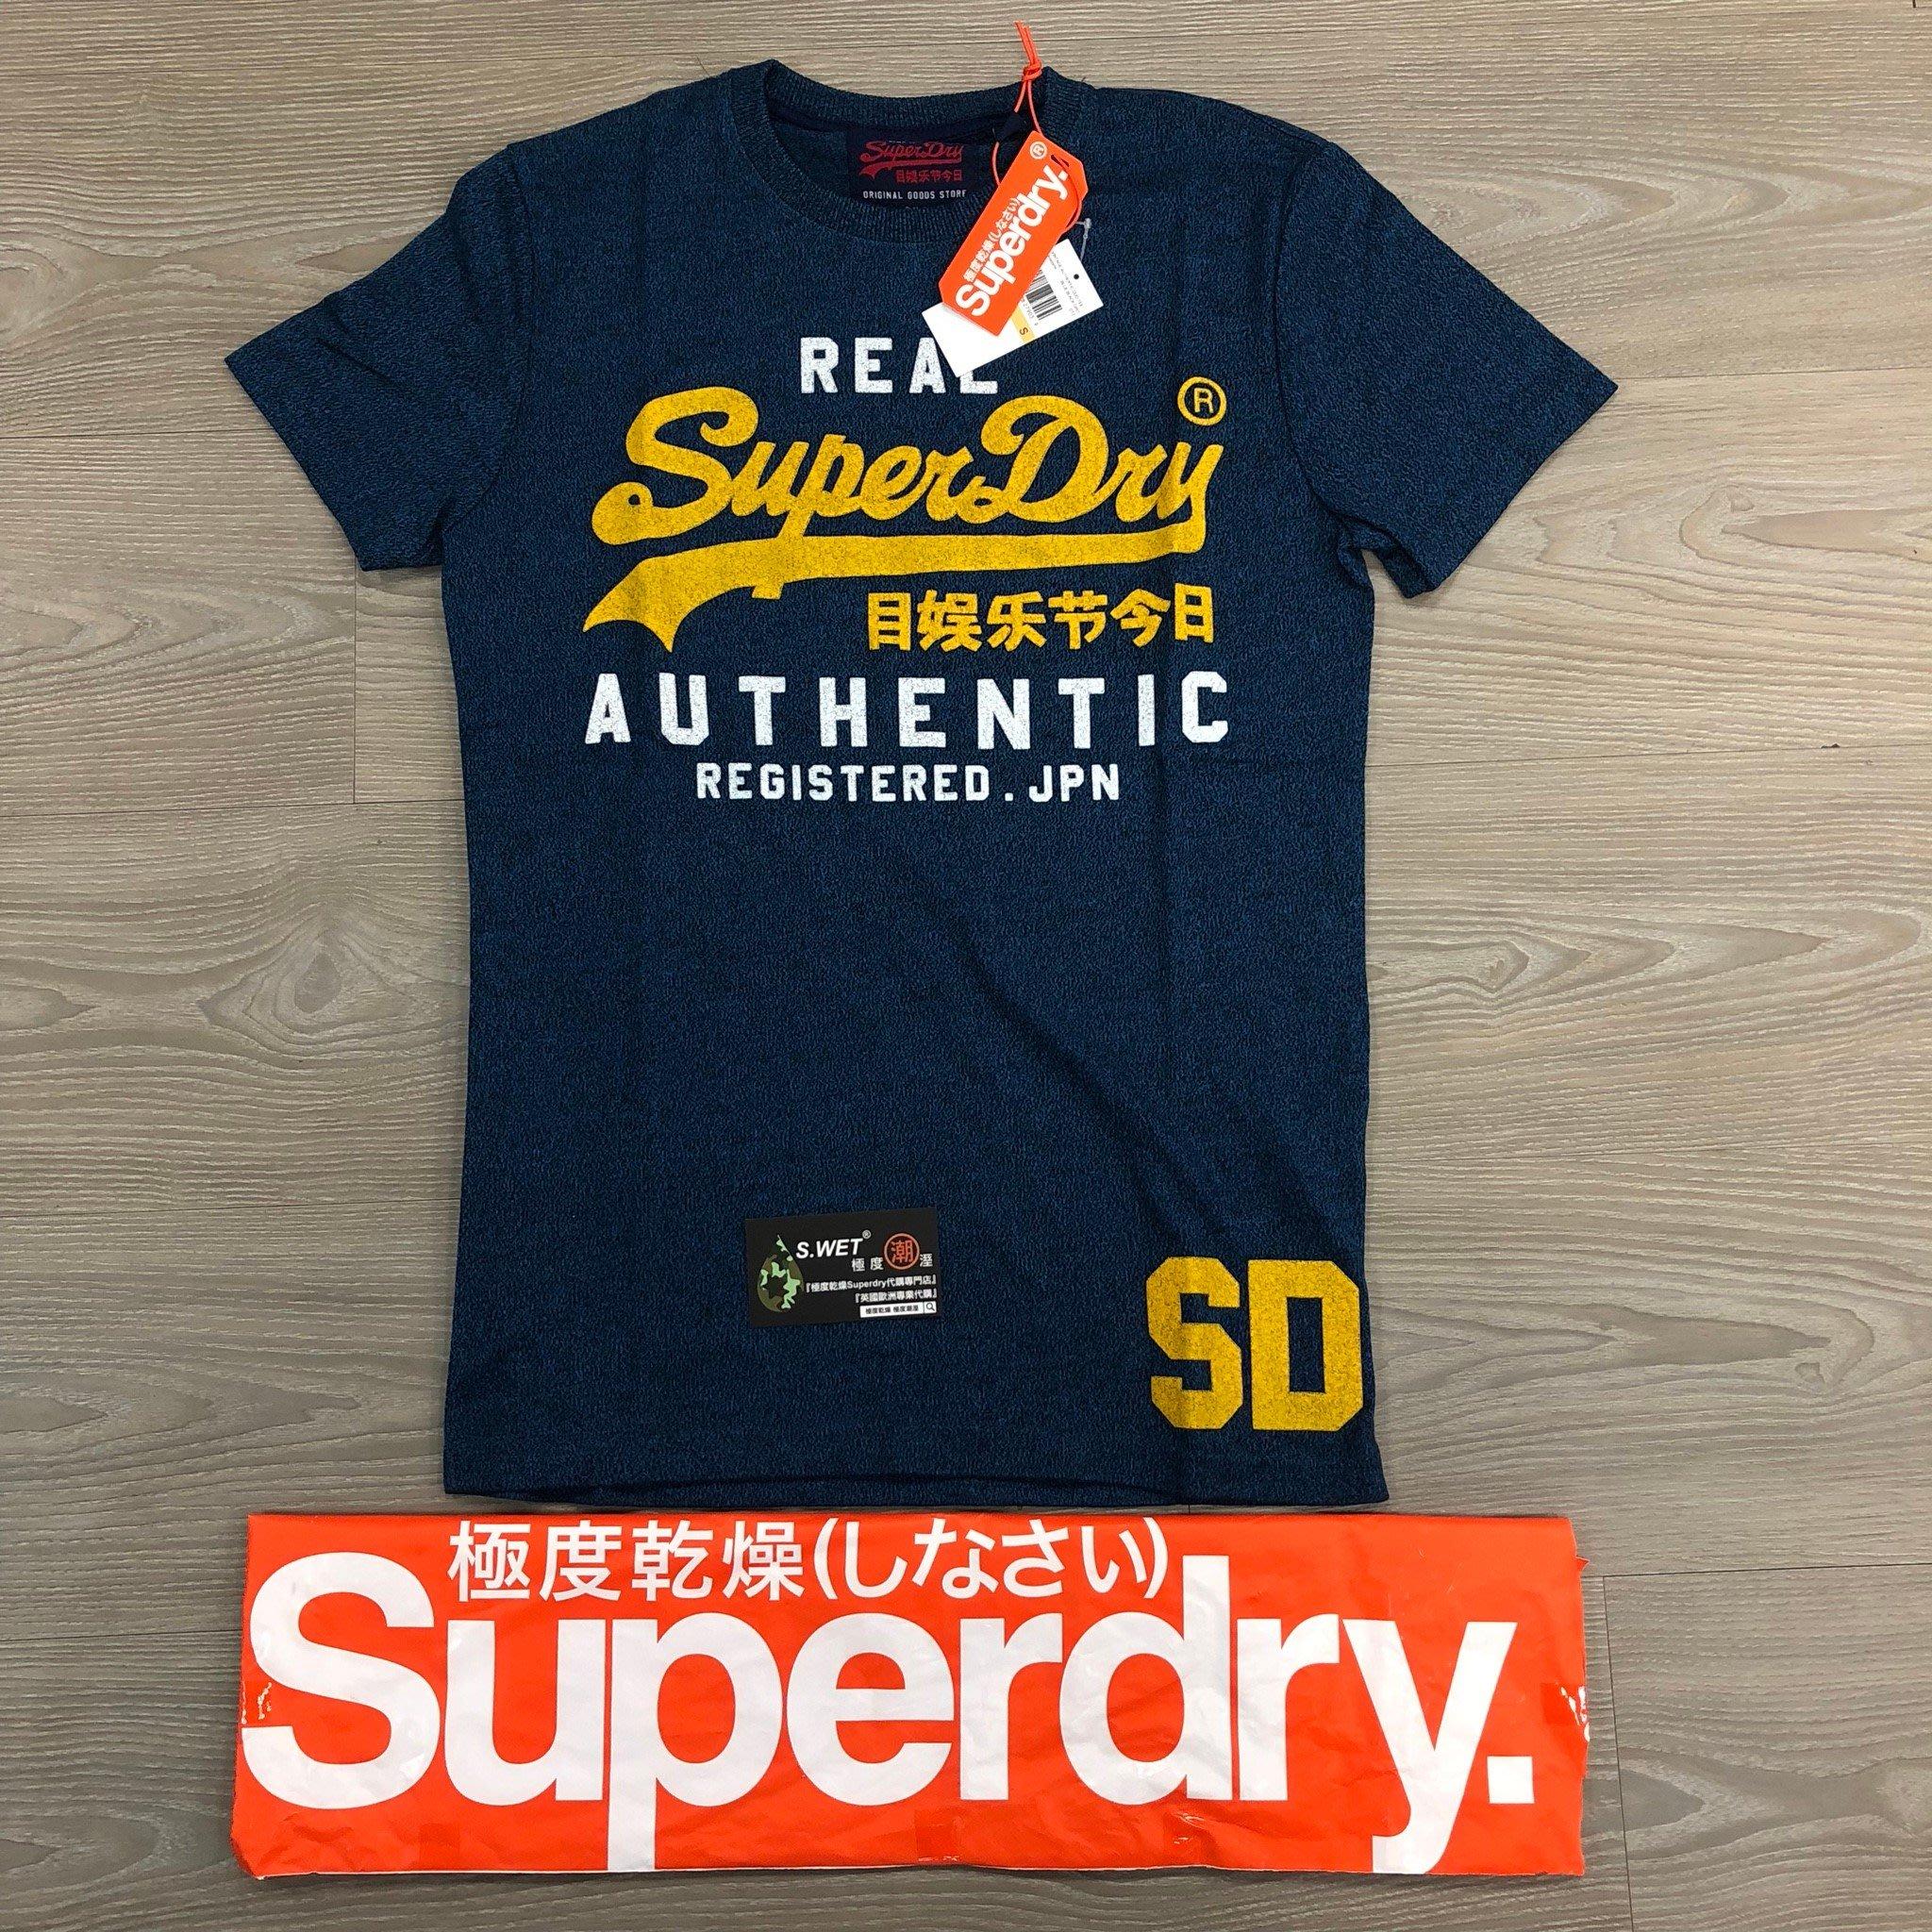 現貨 土耳其製 跩狗嚴選 極度乾燥 Superdry T-shirt 上衣 短袖 短T T恤 經典款 藍灰 黃字